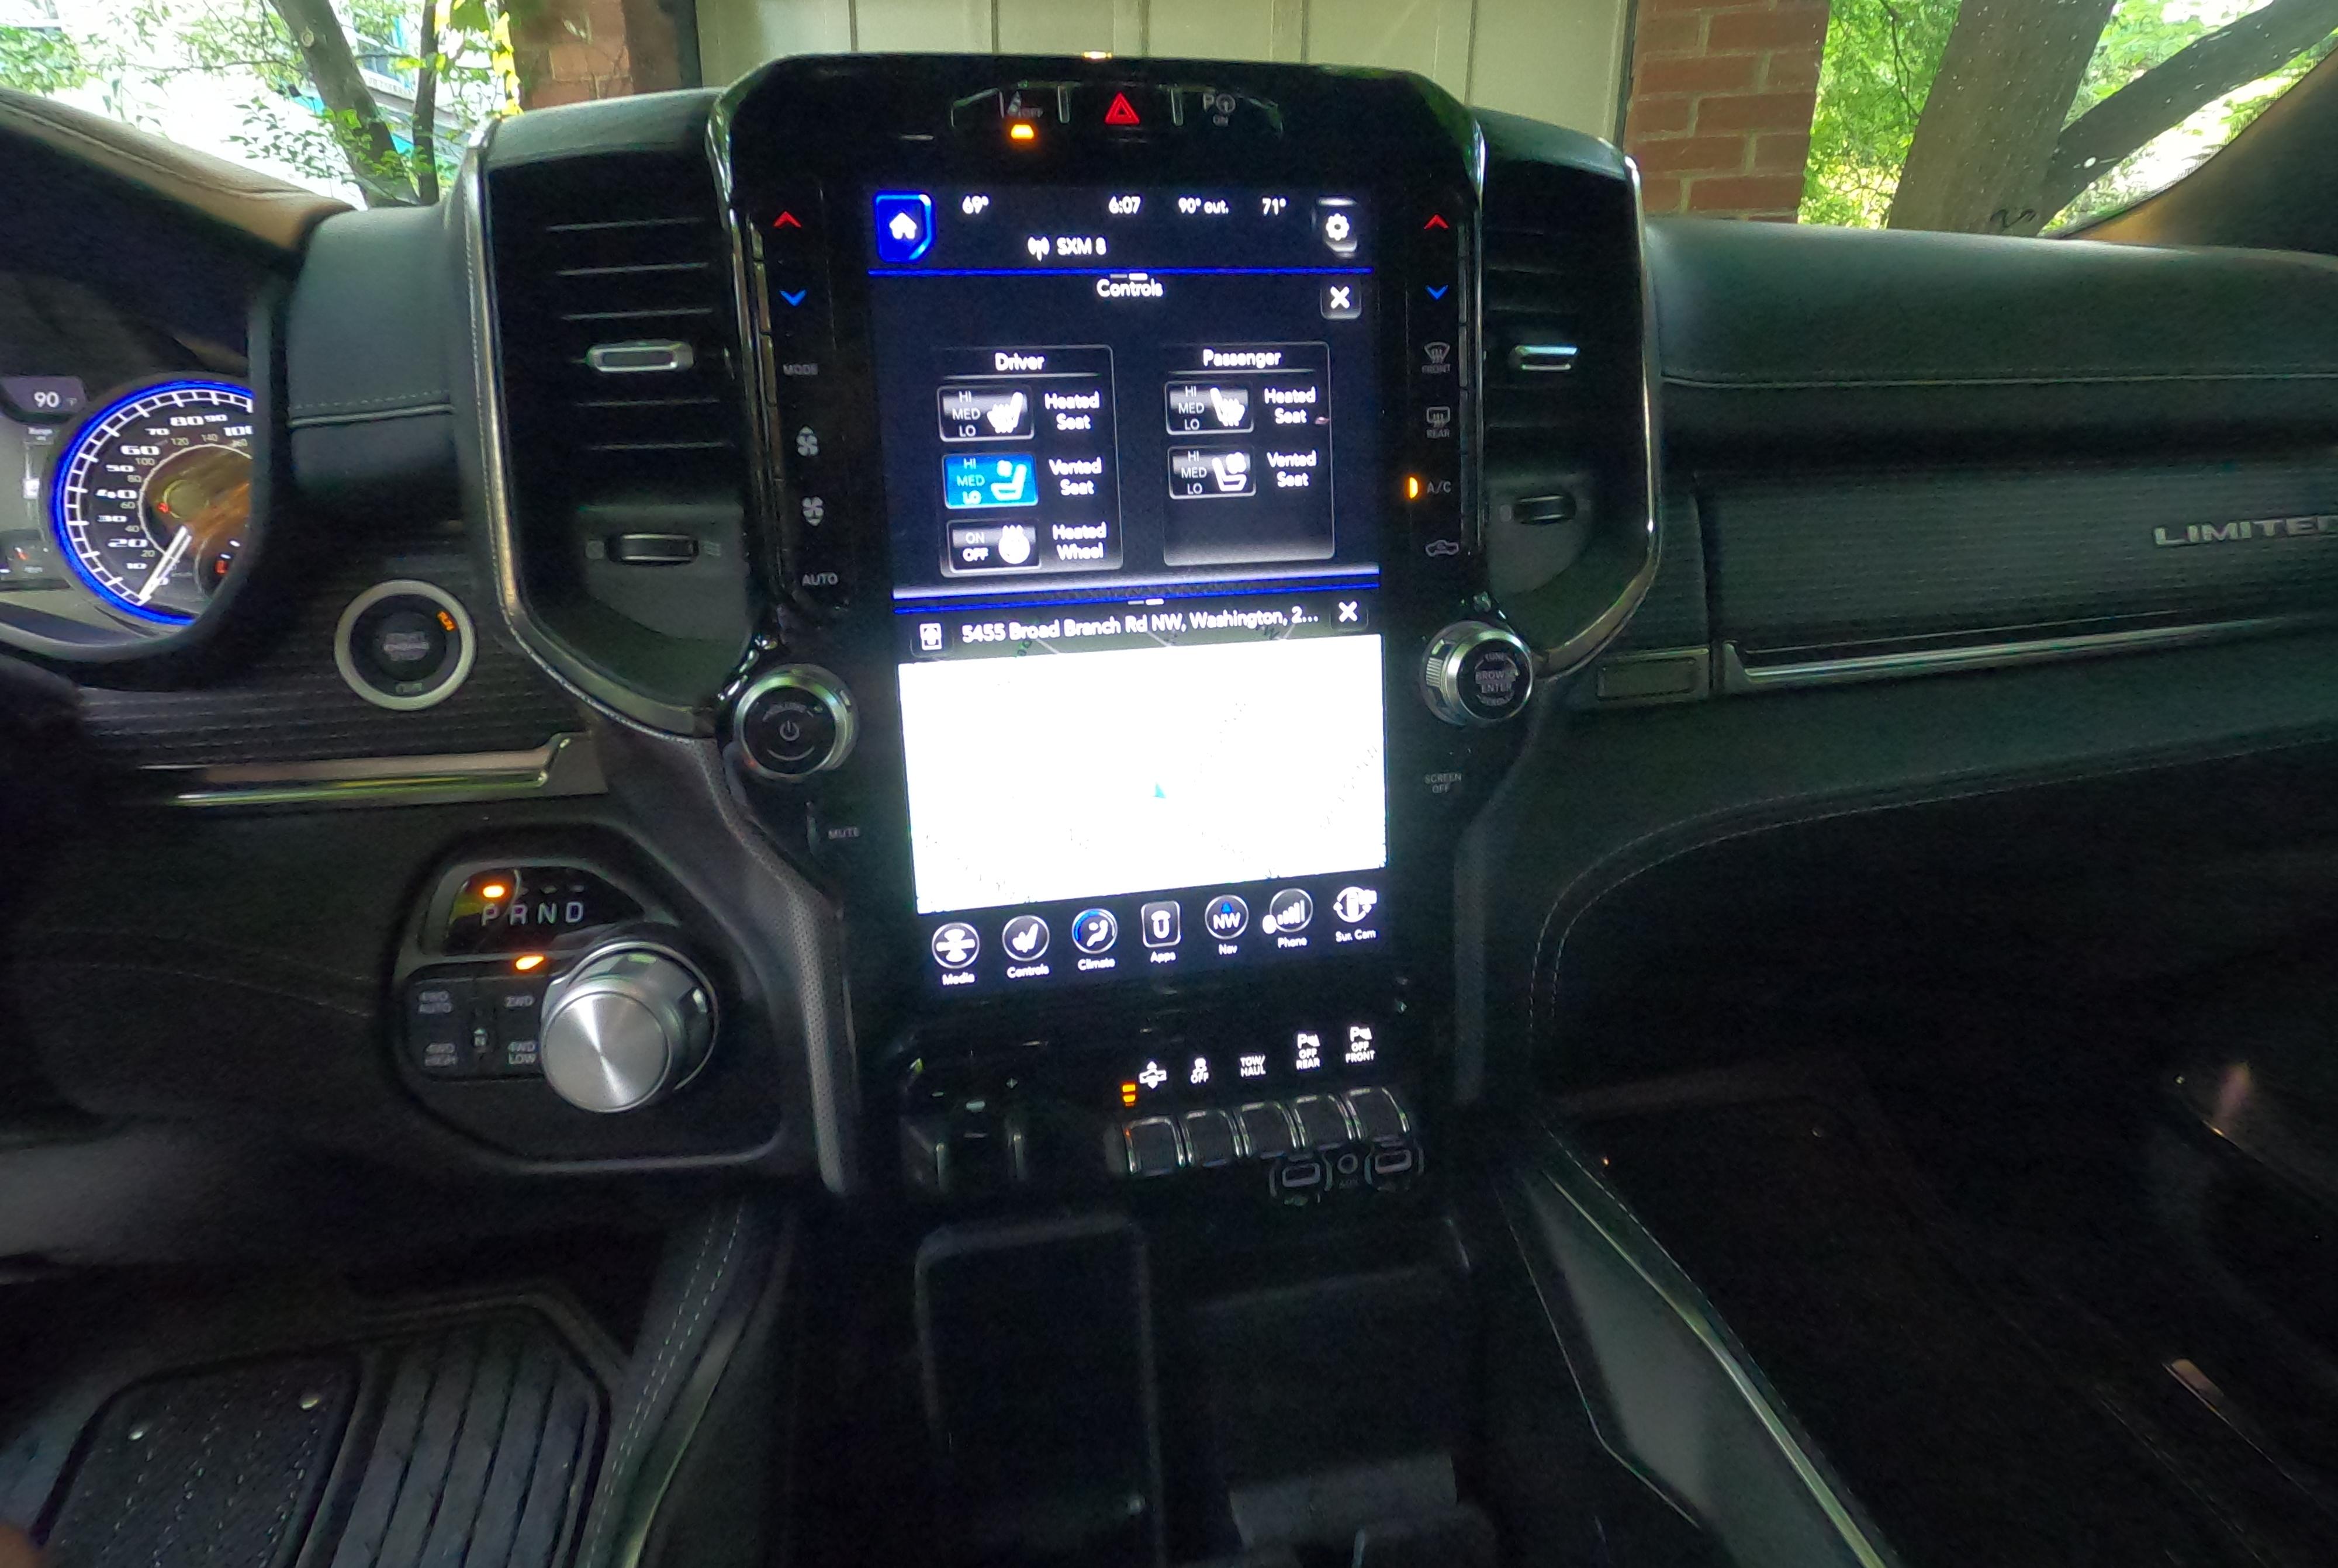 2020 Ram 1500 twelve inch center screen